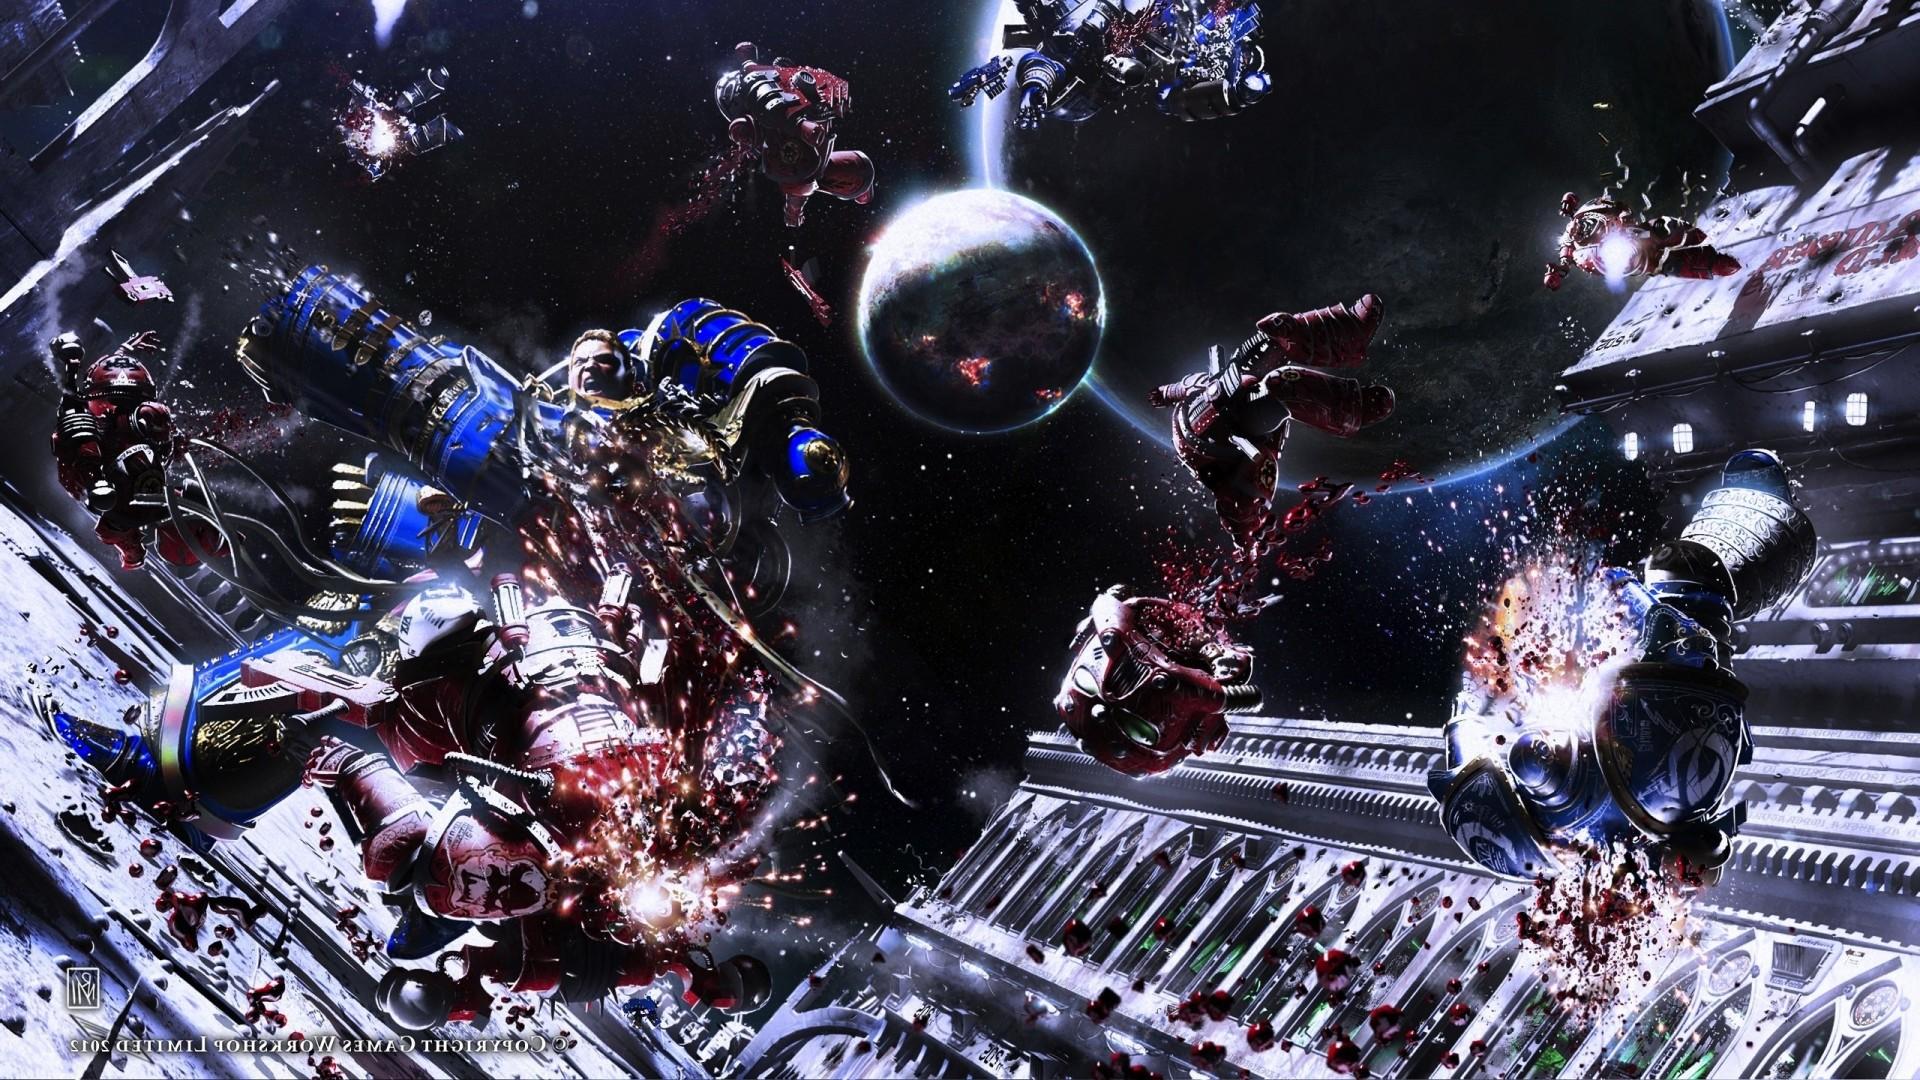 #Warhammer40 #000 #SpaceMarines #HorusHeresy #Warhammer #Wallpaper